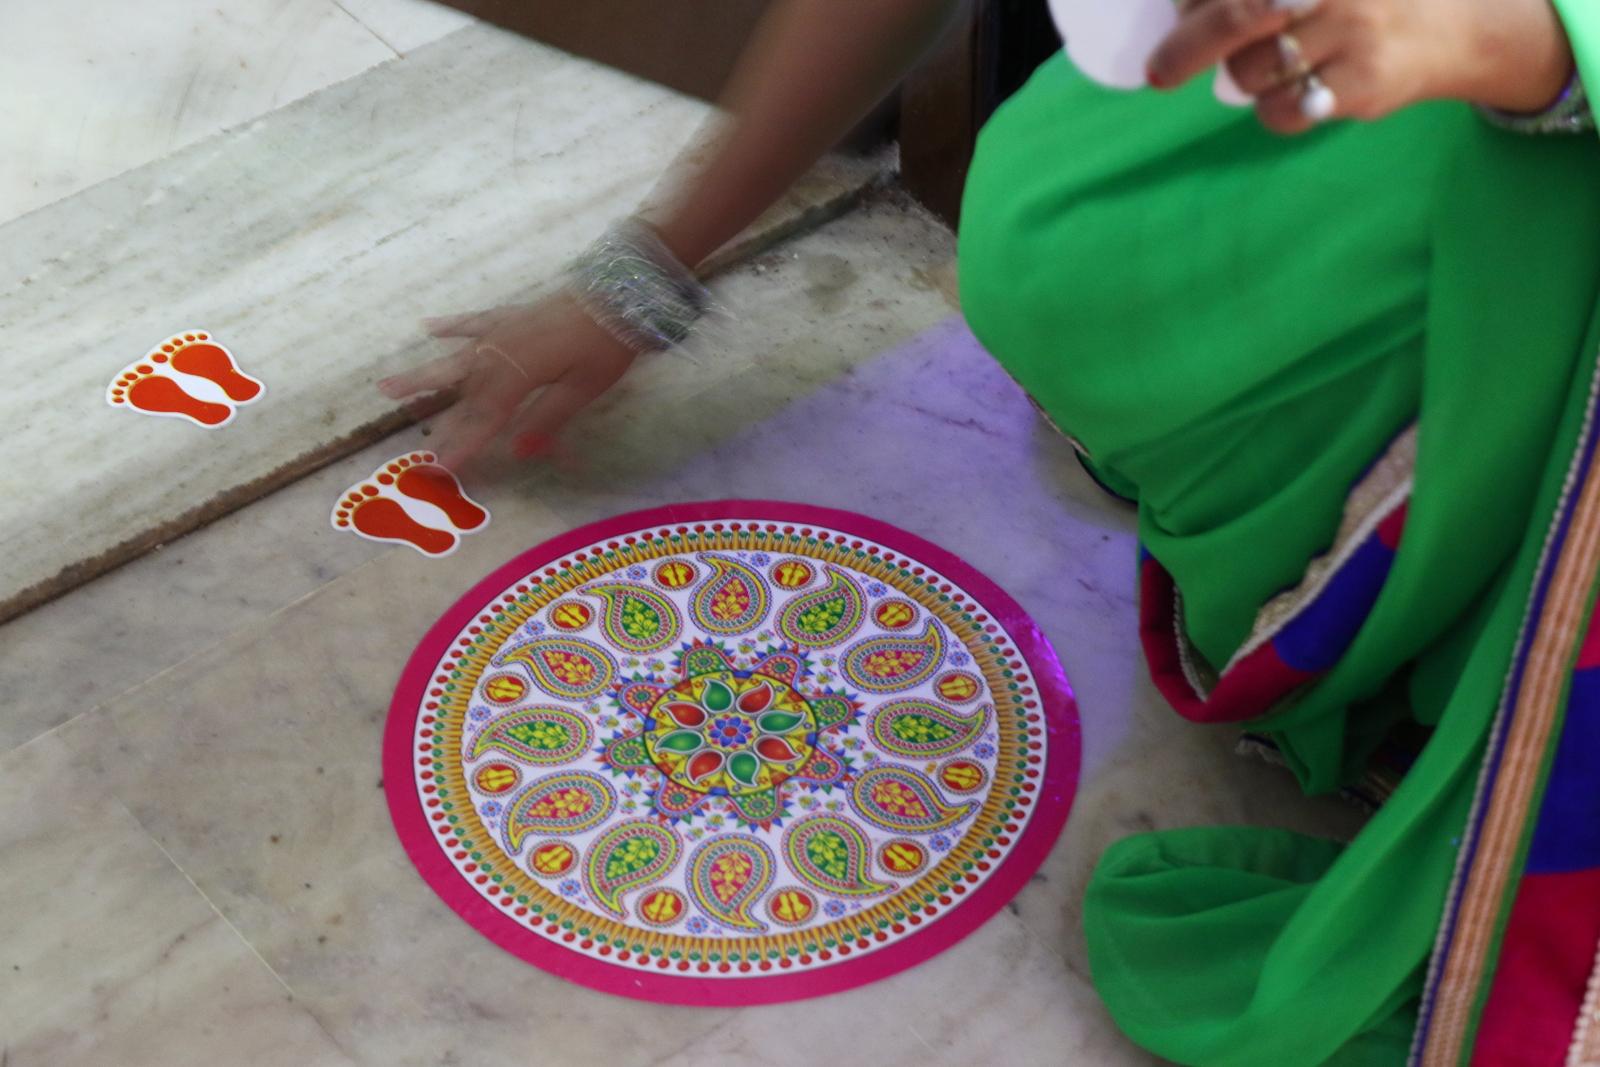 Ulko-oven eteen tehdään perinteisesti rangoli-kuvio värjätystä riisijauhosta. On olemassa myös tällainen kätevä tarra-rangoli, joka ei sotkeudu, kun lapset juoksevat sisään ja ulos! Settiin kuuluvat myös jalanjäljet kynnyksen molemmille puolille. Niitä pitkin Lakshmi, hindulainen vaurauden jumalatar, löytää sisään.